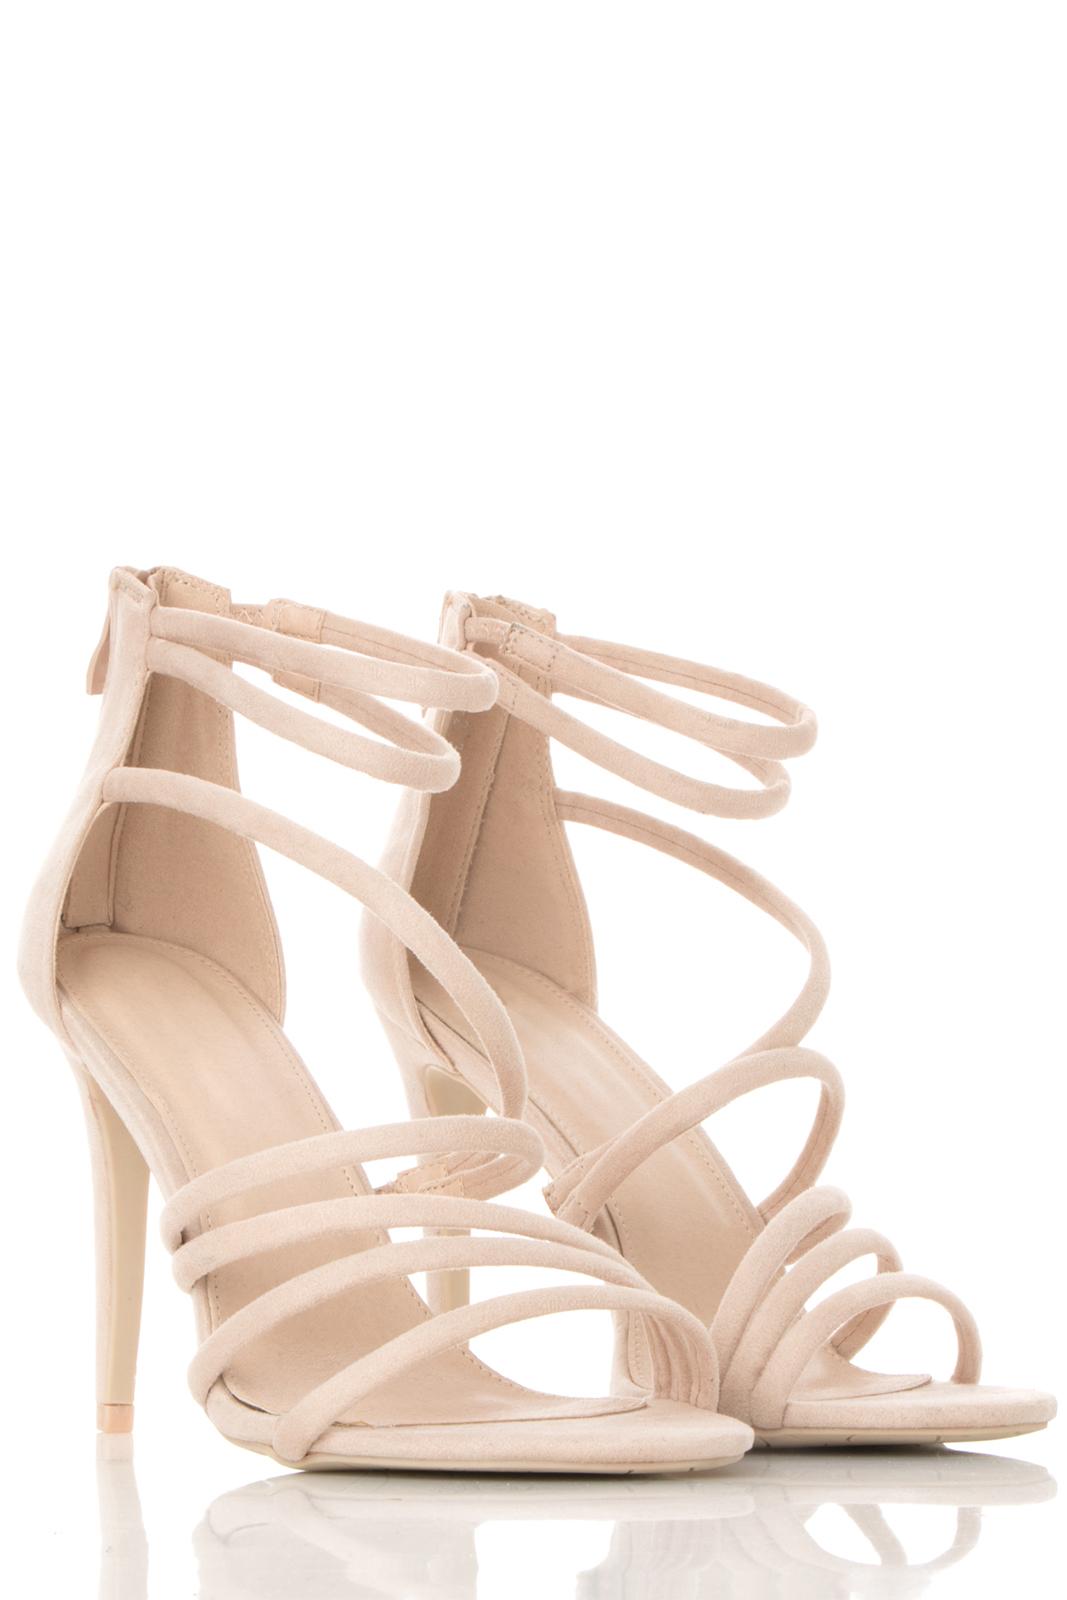 Πέδιλο Μπέζ με Λουριά και Τακούνι γυναικεία   παπούτσια   πέδιλα